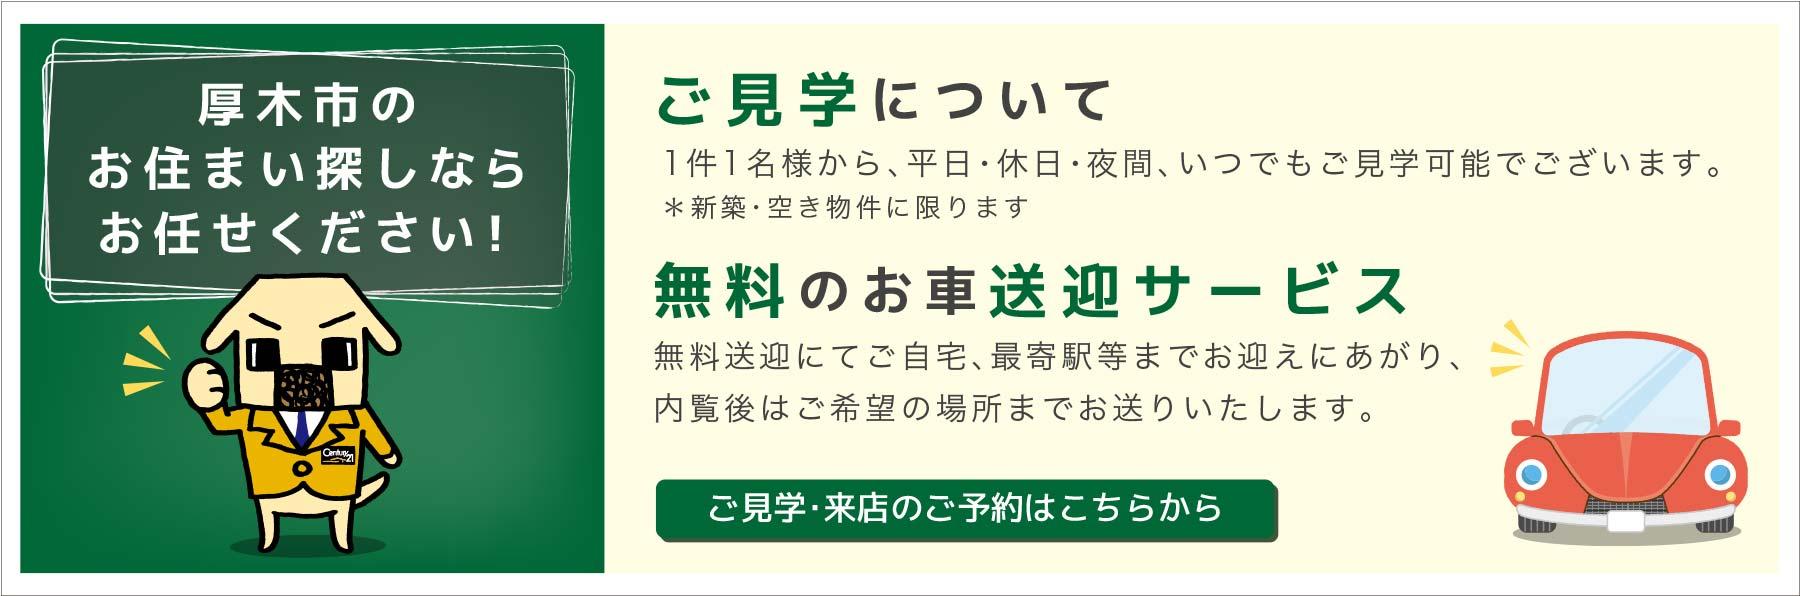 厚木市のお住まい探しならお任せください! 無料のお車送迎サービス行っております。